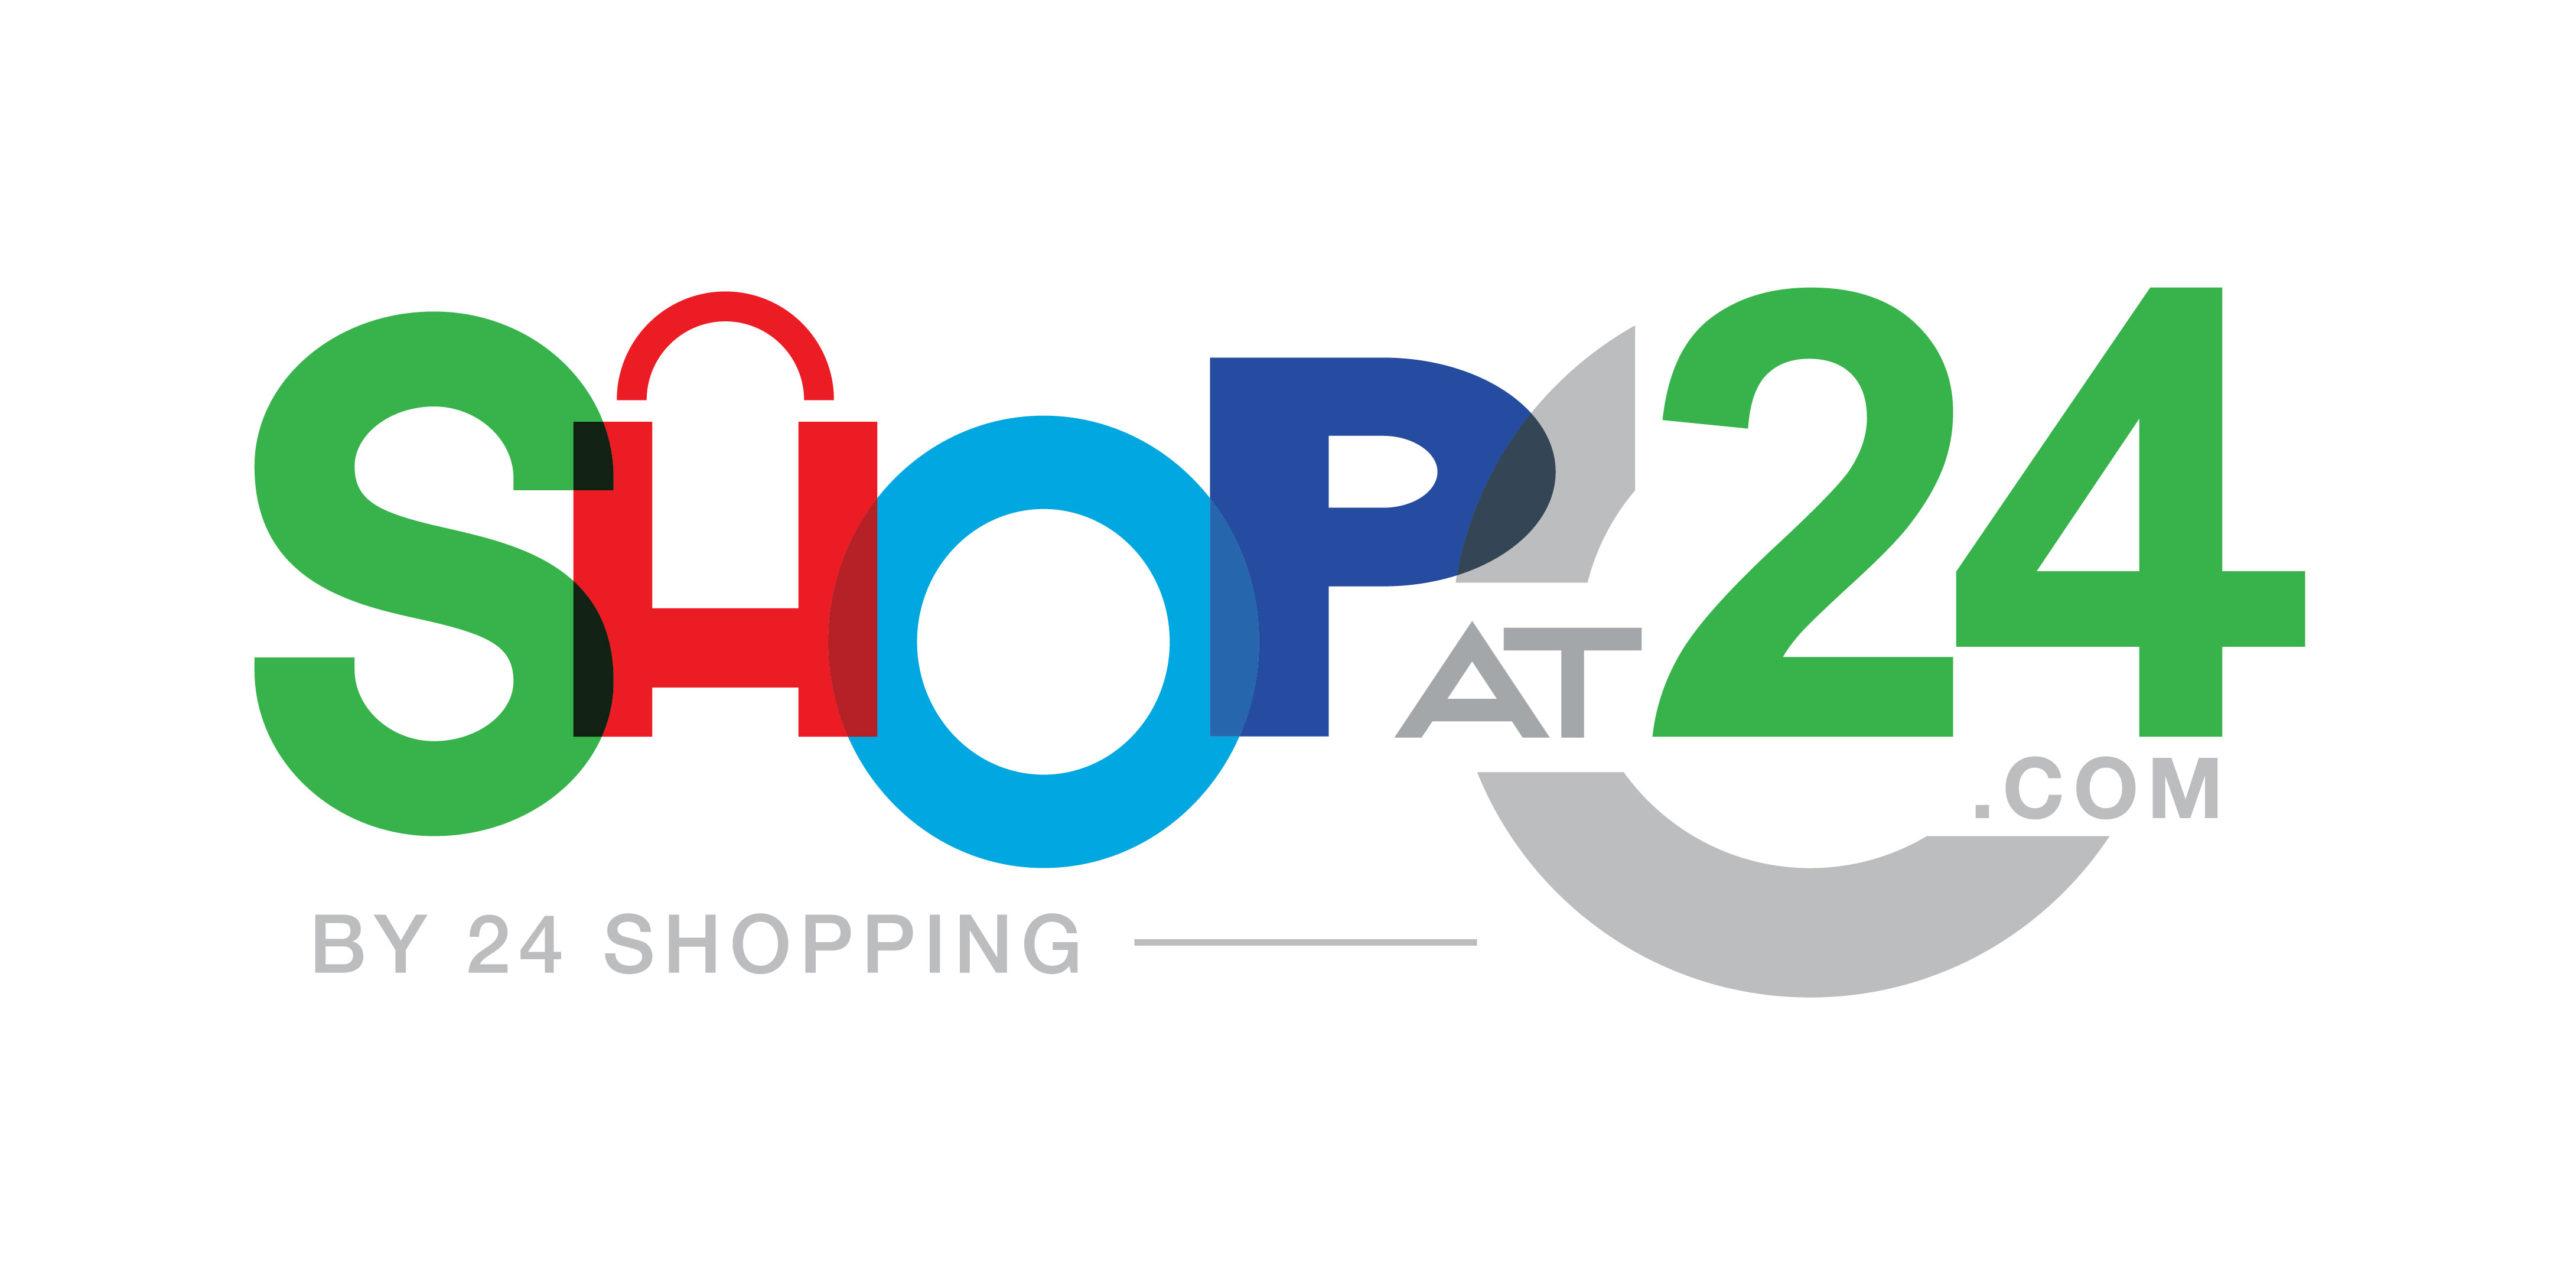 สั่งของออนไลน์ shopat24 ส่งที่ เซเว่น